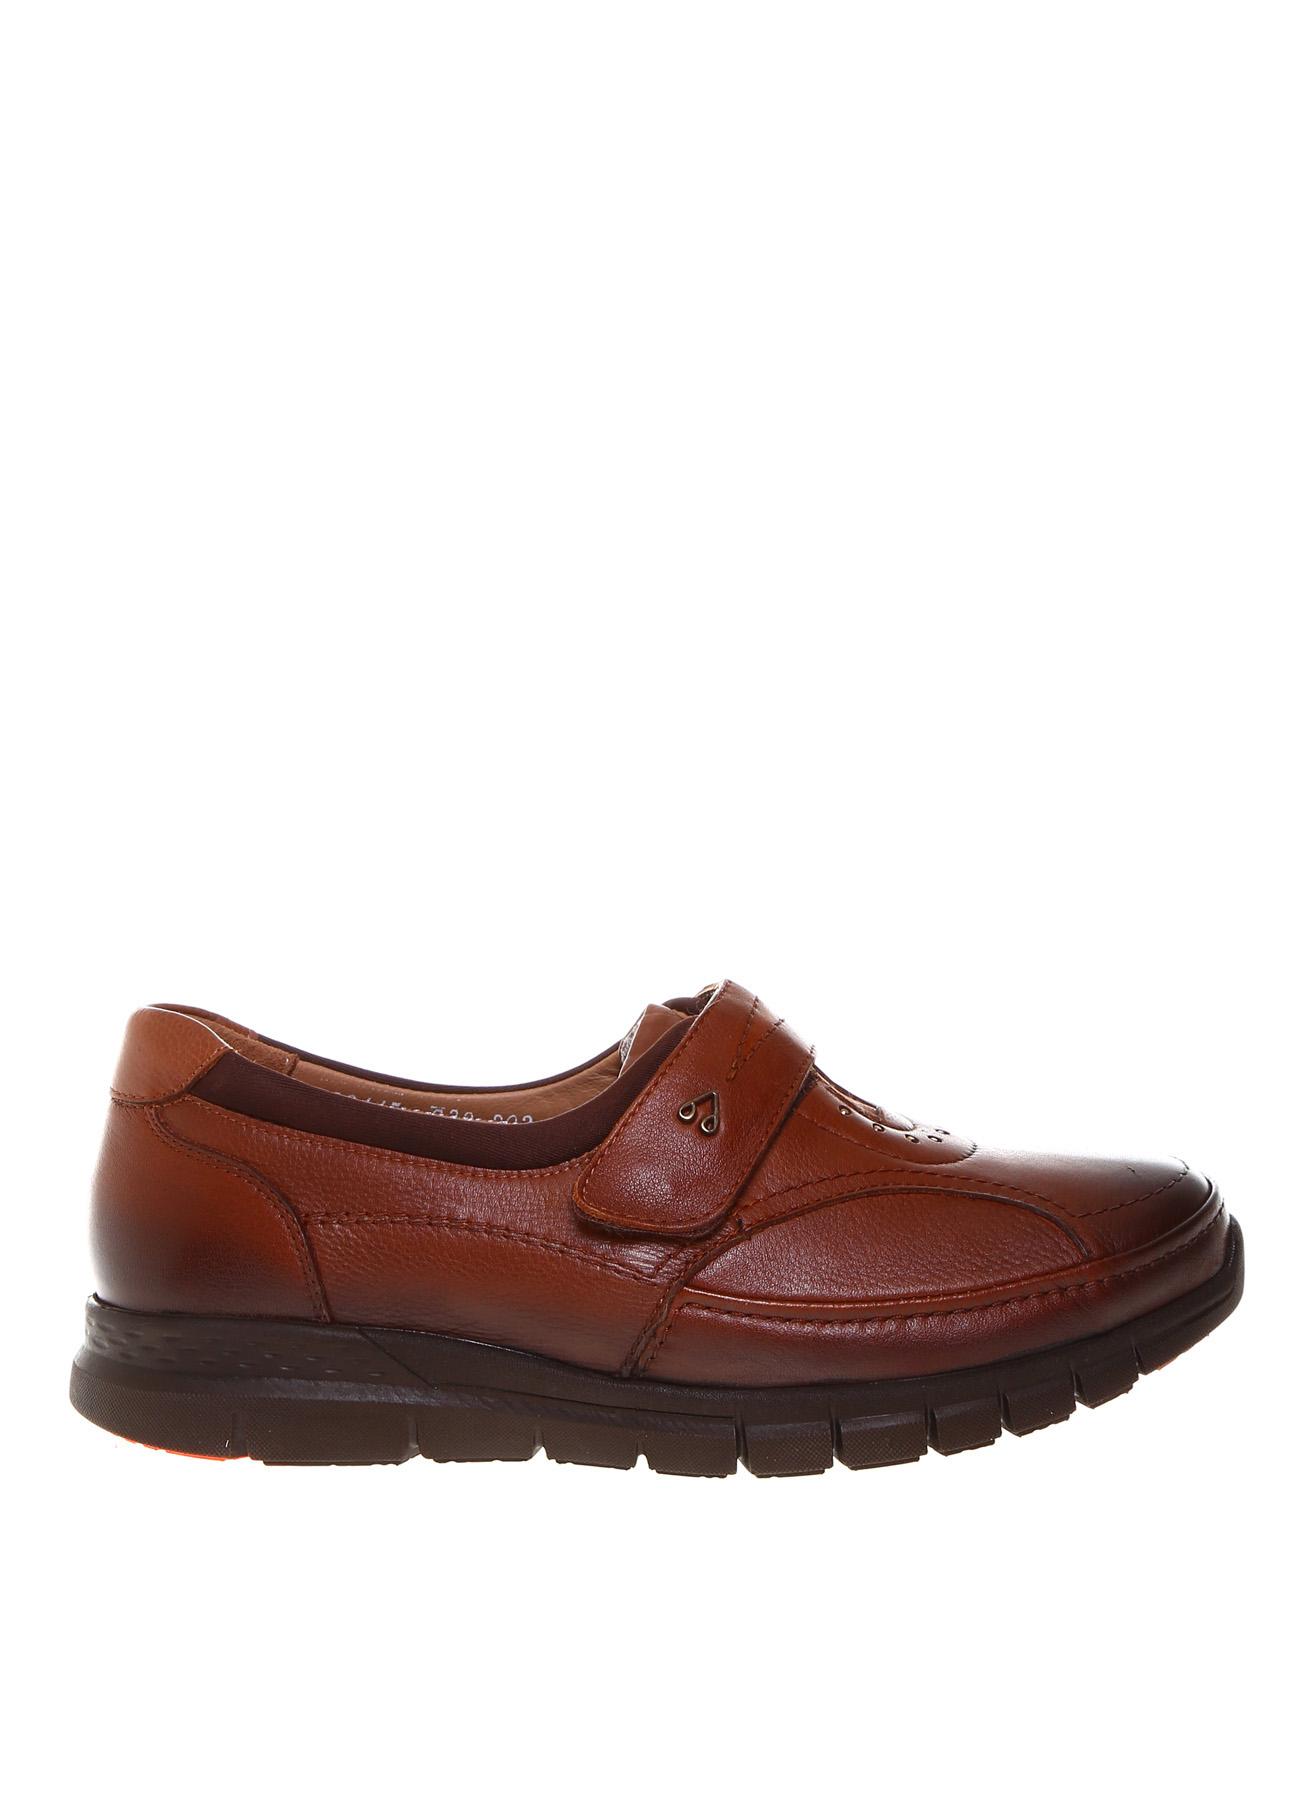 Forelli Düz Ayakkabı 36 5001921034001 Ürün Resmi